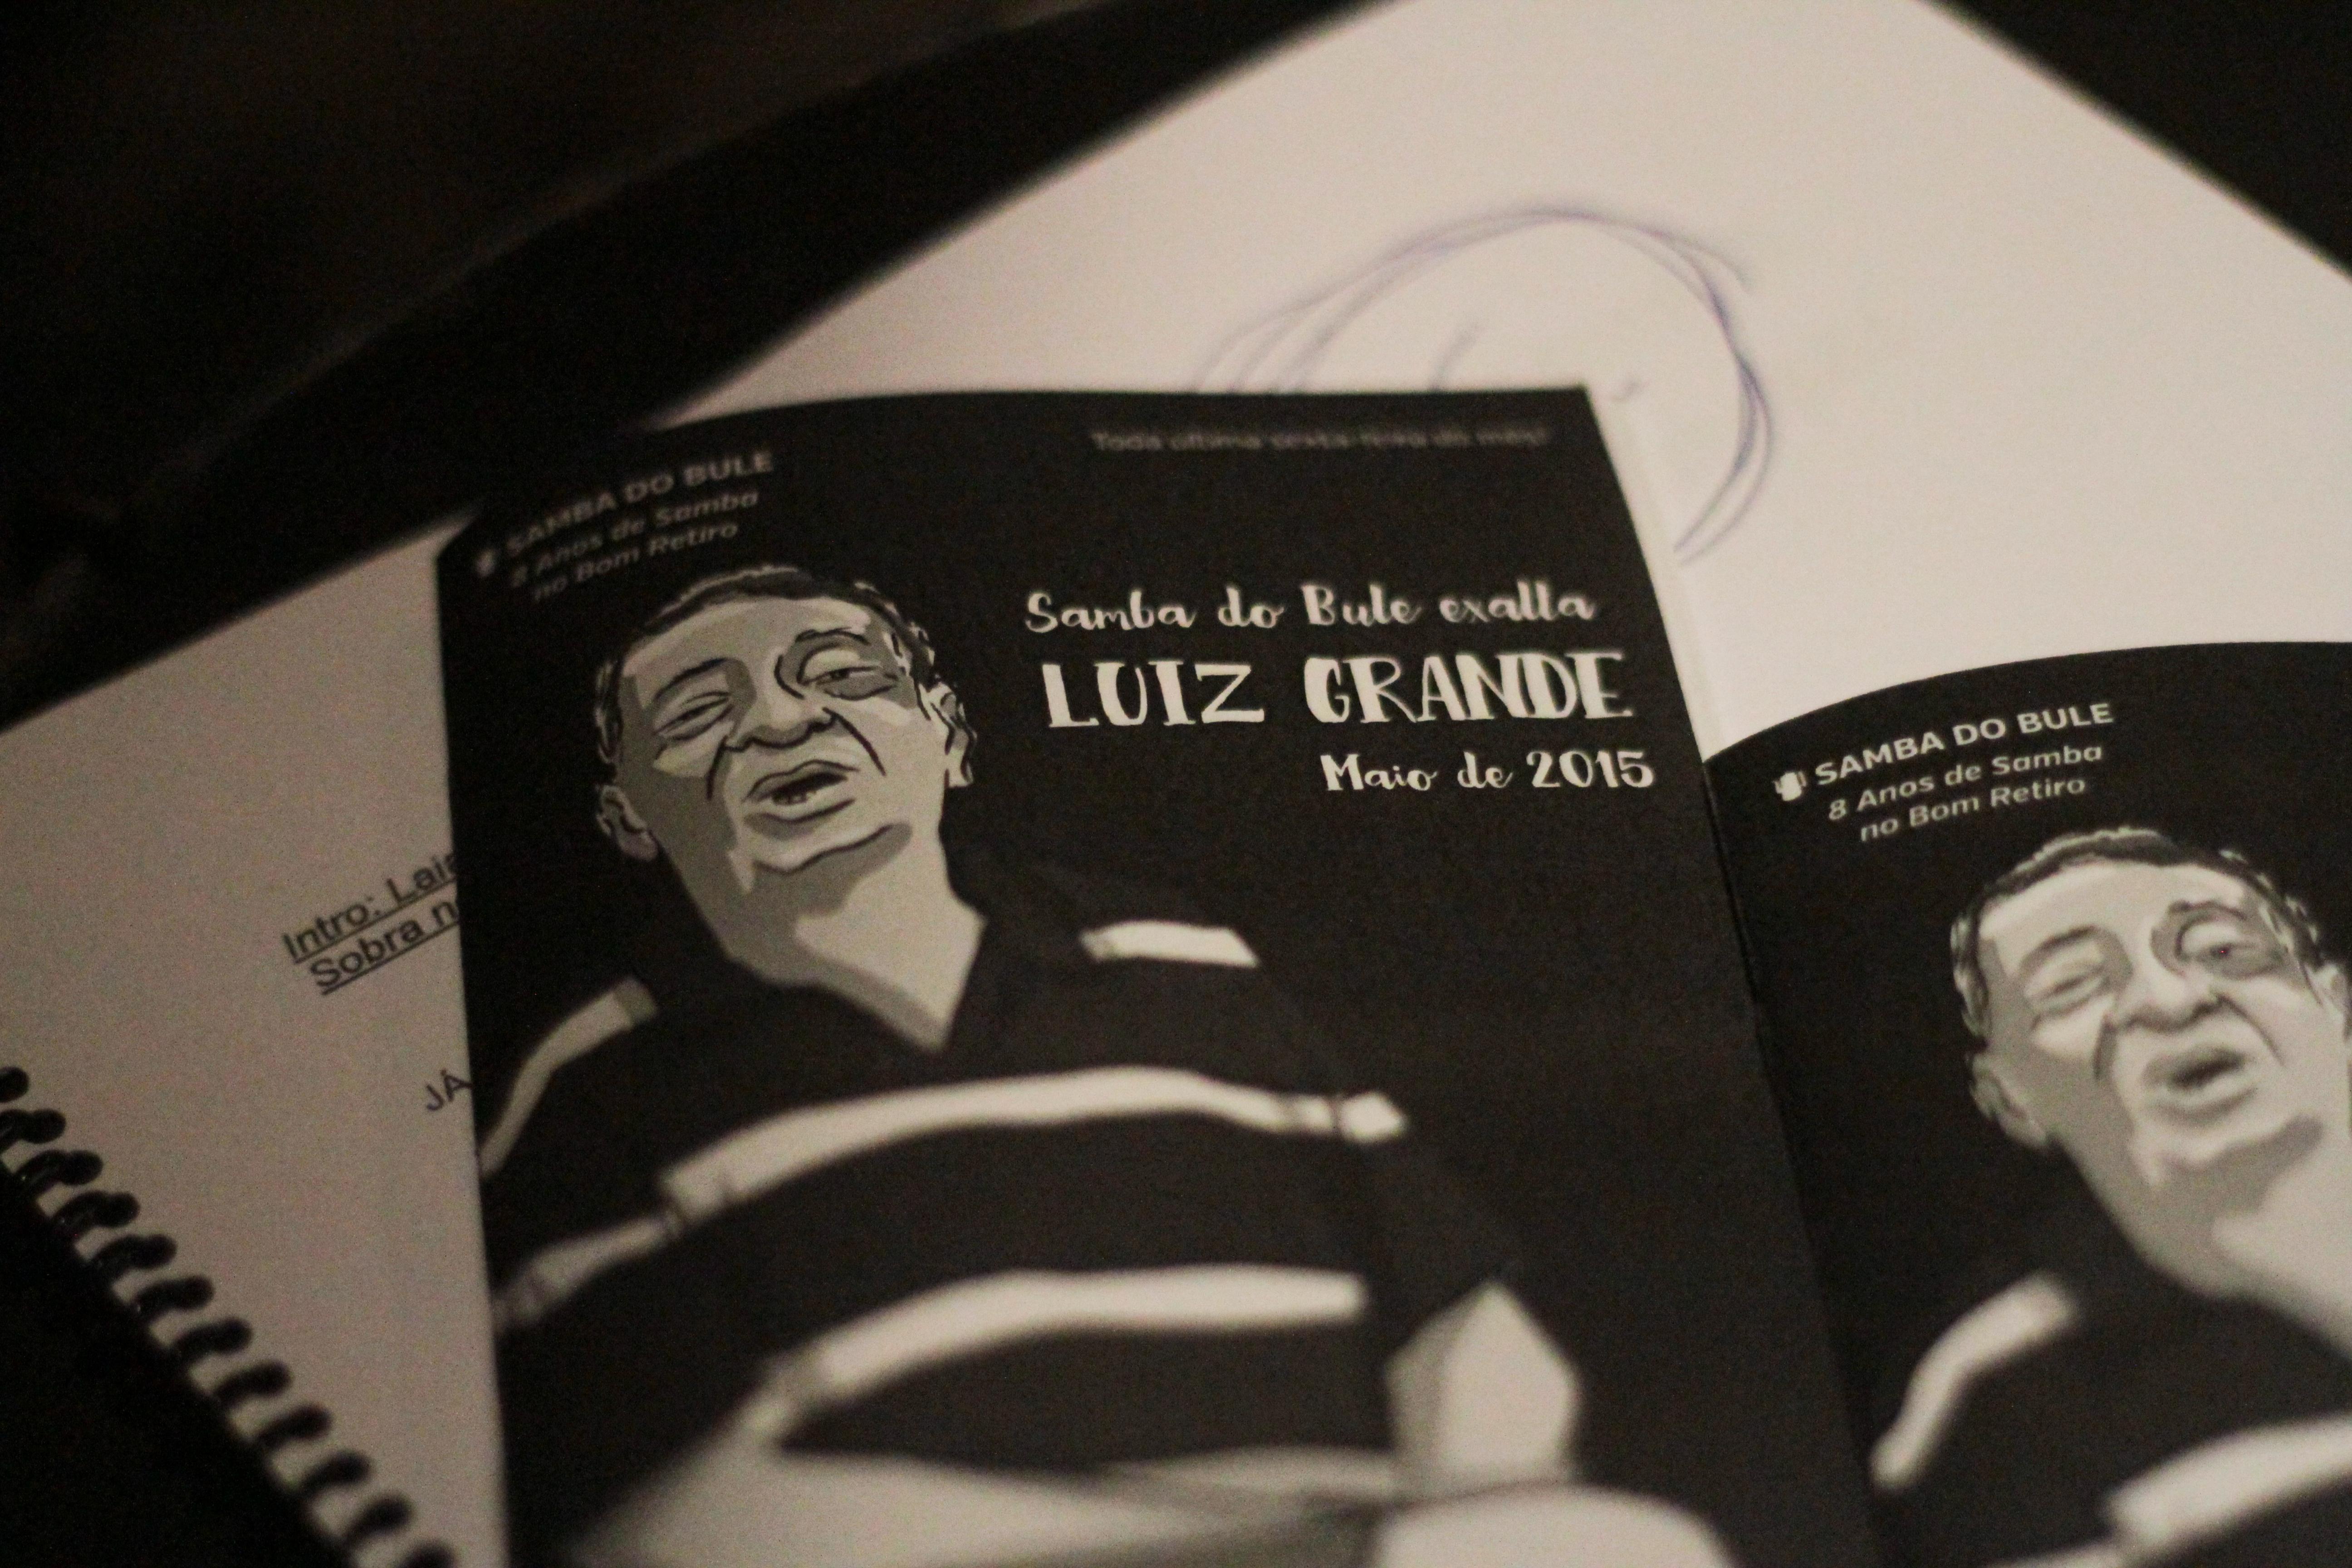 Luiz Grande e as fotos incríveis da homenagem do Samba do Bule